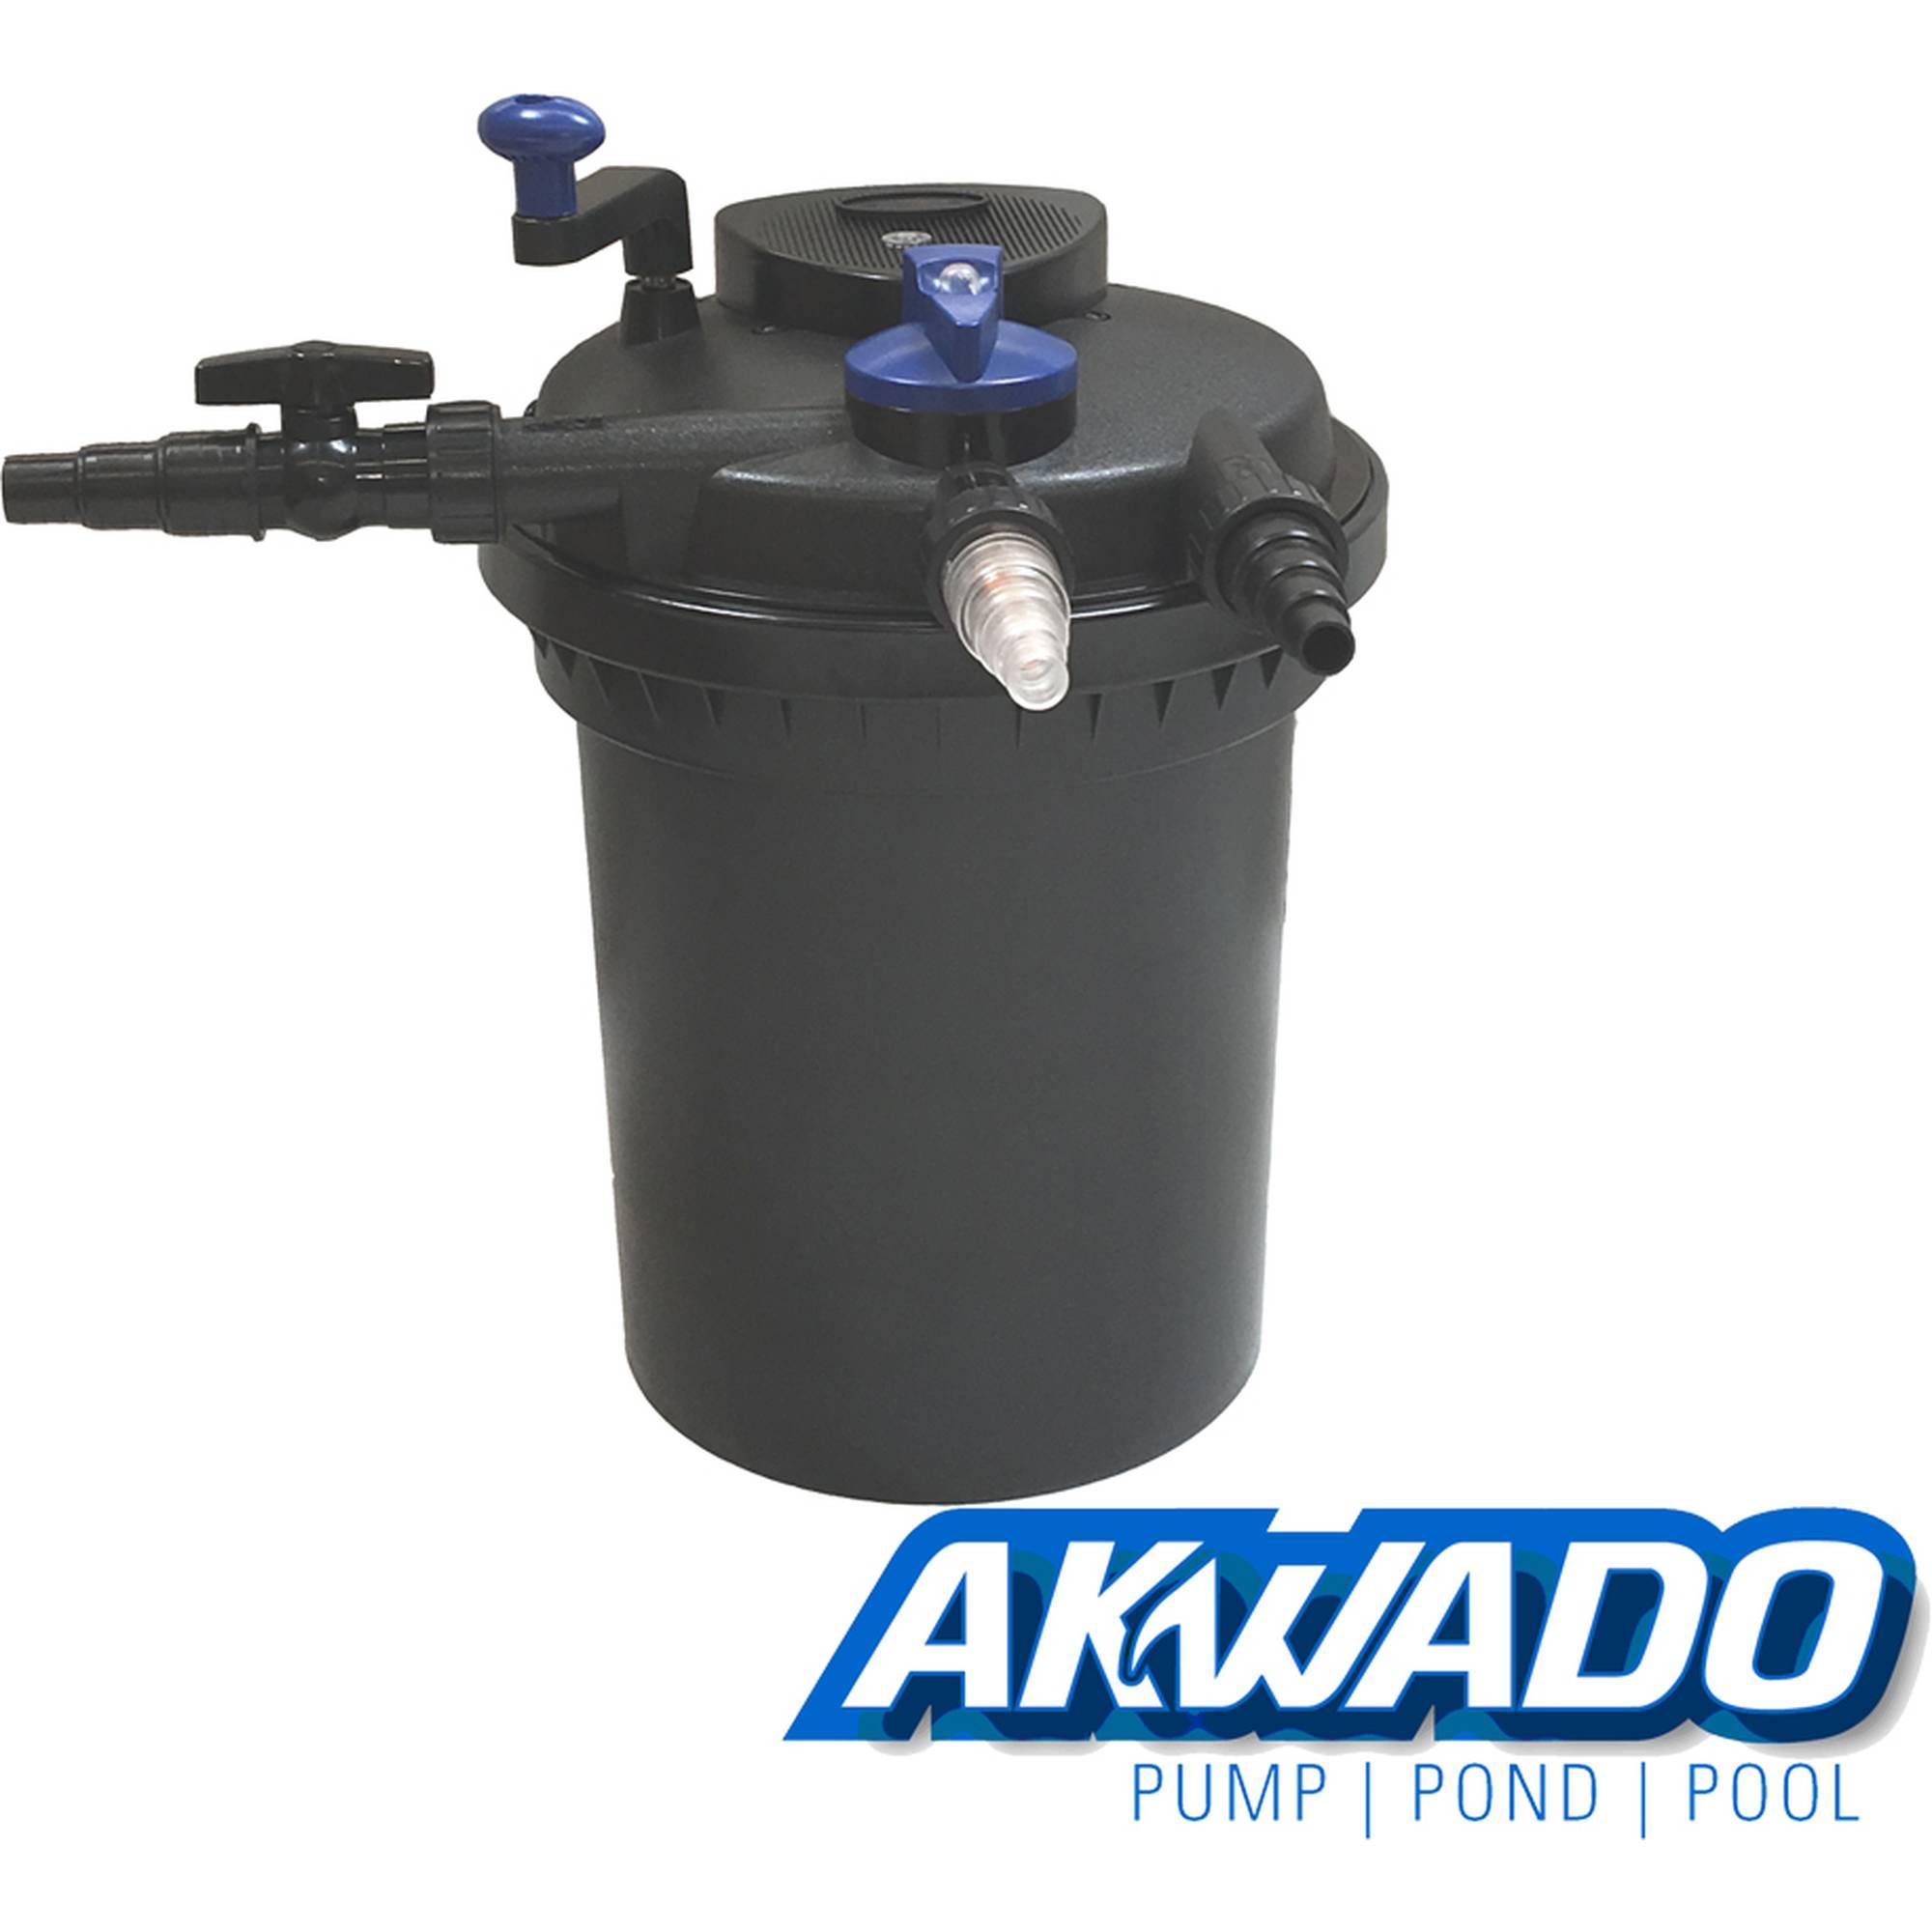 AKWADO Druckfilter CPF-10000 inkl. 11 Watt UVC Klärer für Teich Koi usw.